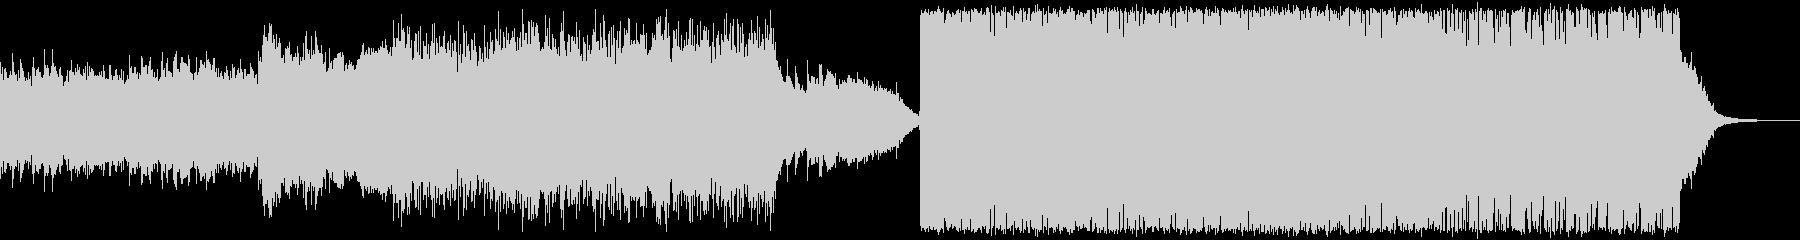 バイオリン、ドラムンベース、テクスチャーの未再生の波形